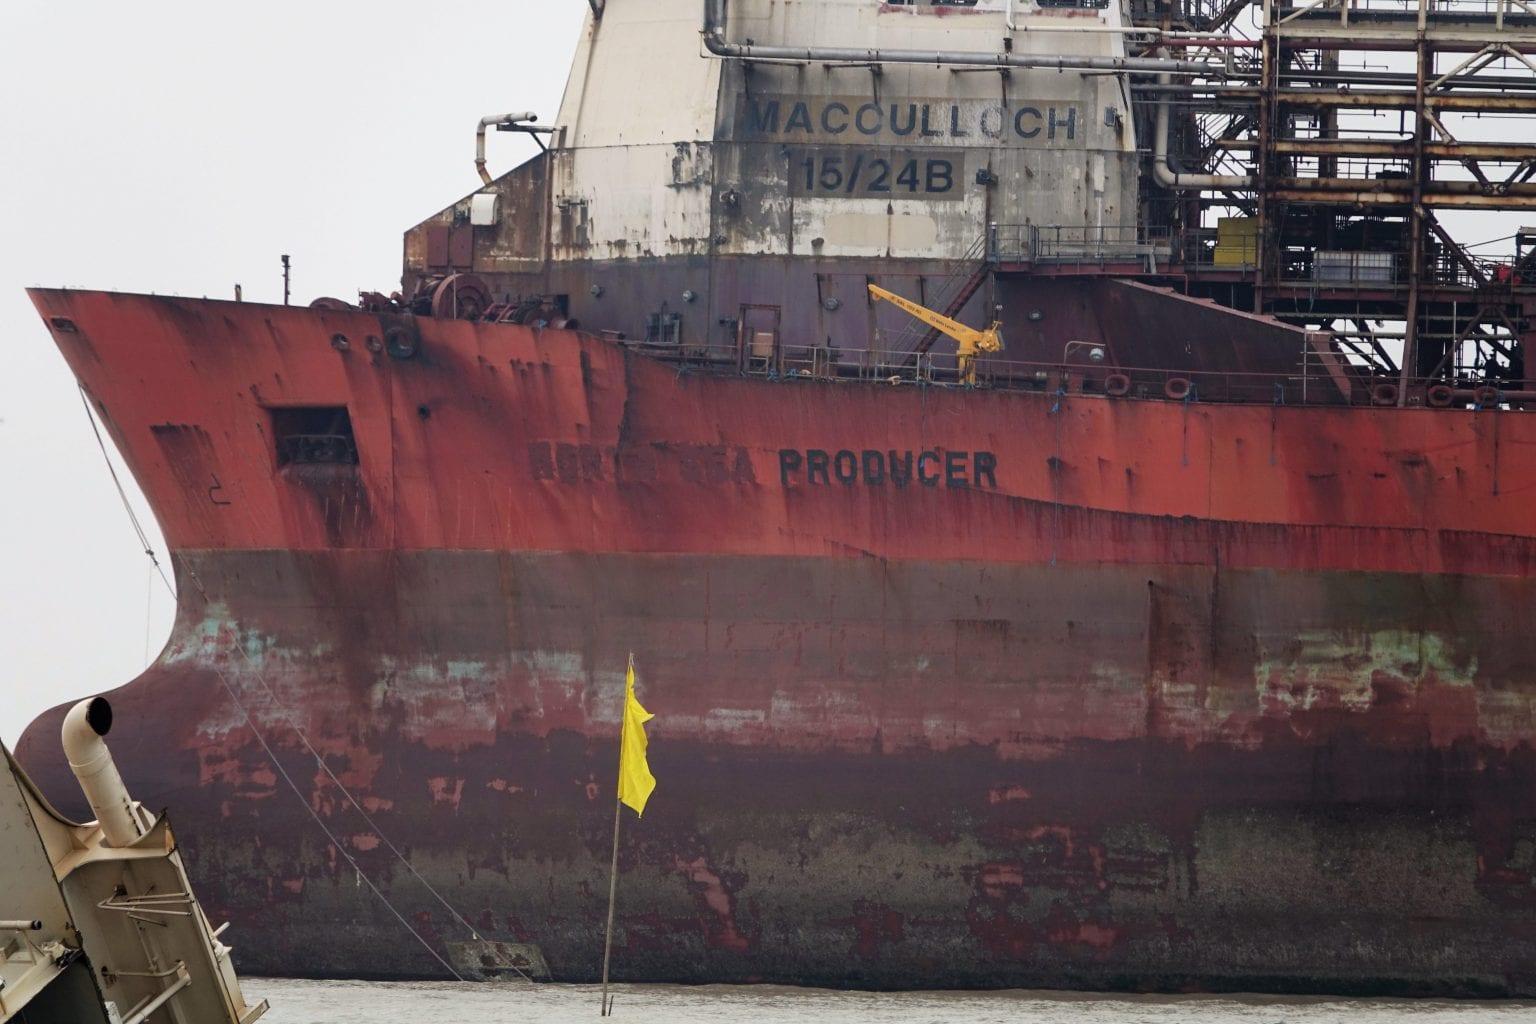 Det udtjente Mærsk-skib North Sea Producer lå klar til ophugning da Danwatch besøgte Bangladesh i 2016. Nu har højesteret i Bangladesh dømt ophugningen ulovlig. Foto: Norma Martinez/Danwatch